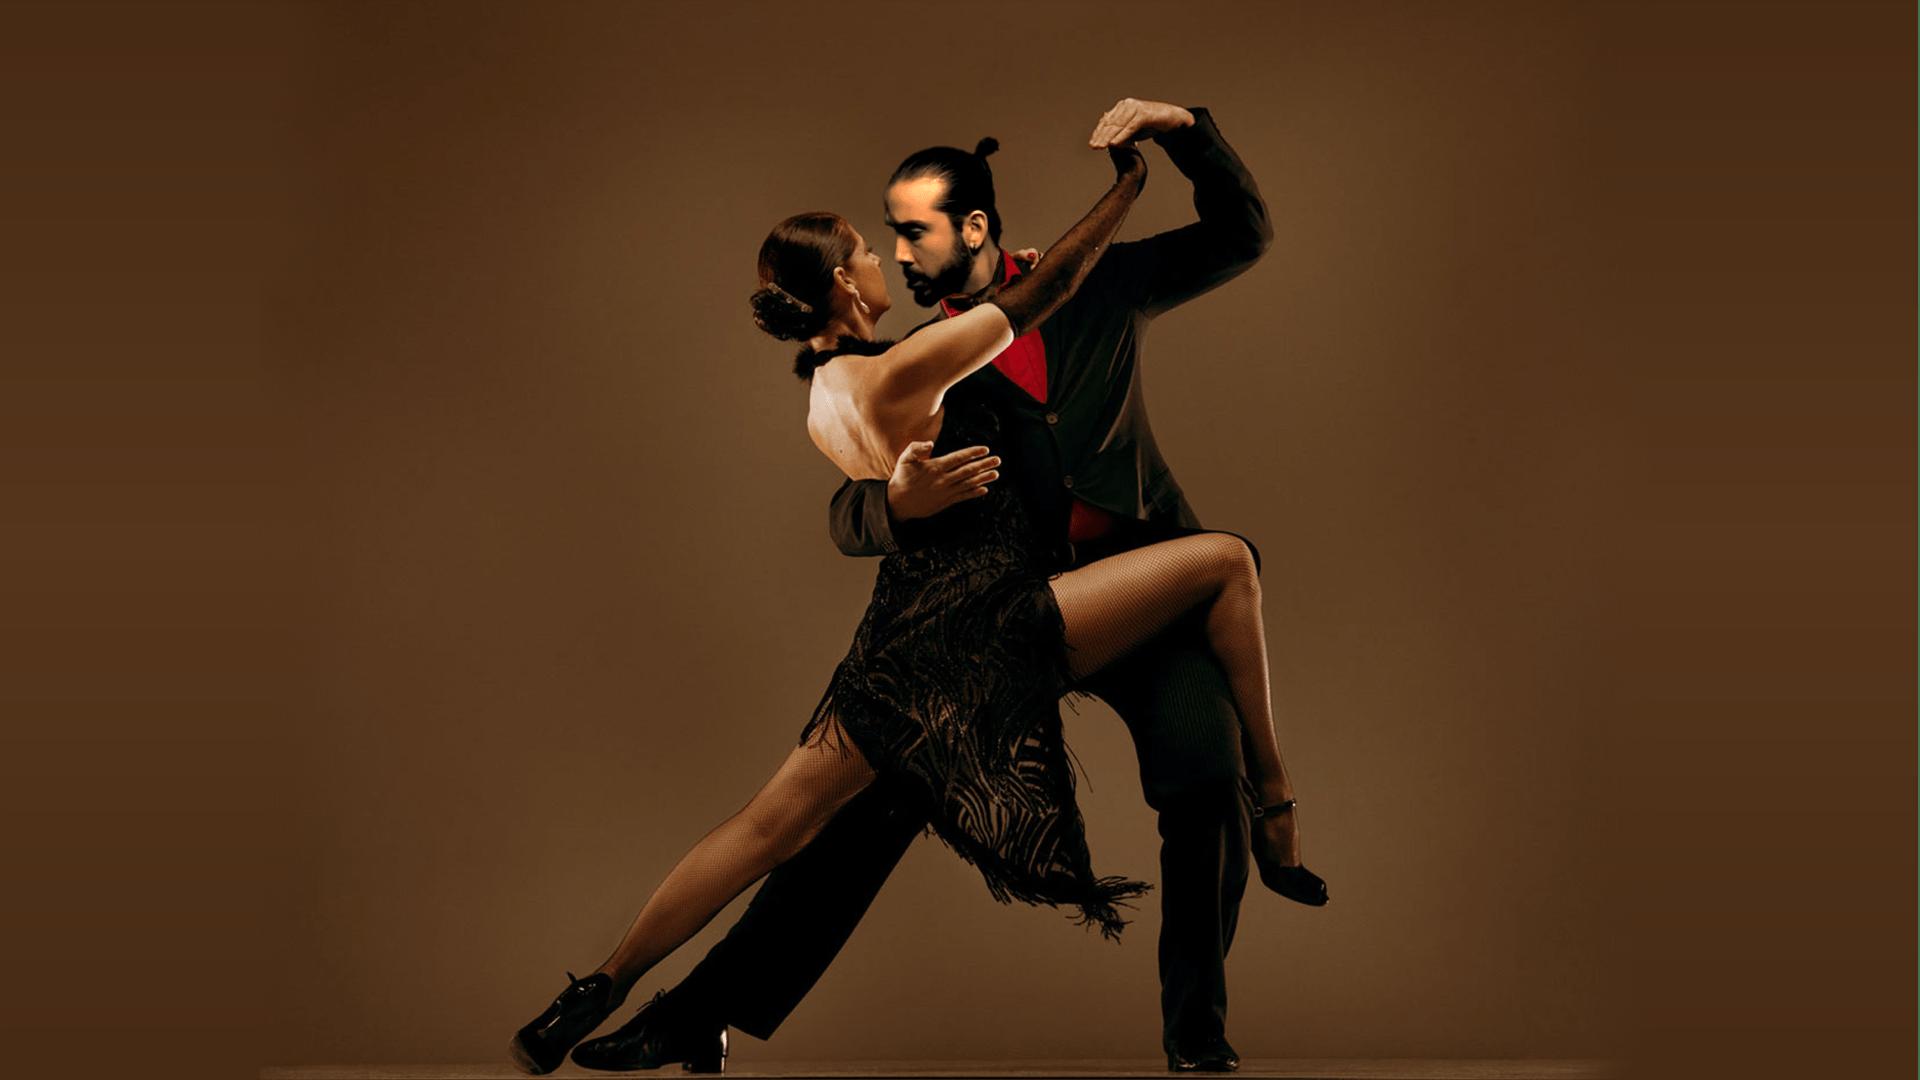 Latin Dancing Wallpapers - Top Free Latin Dancing ...